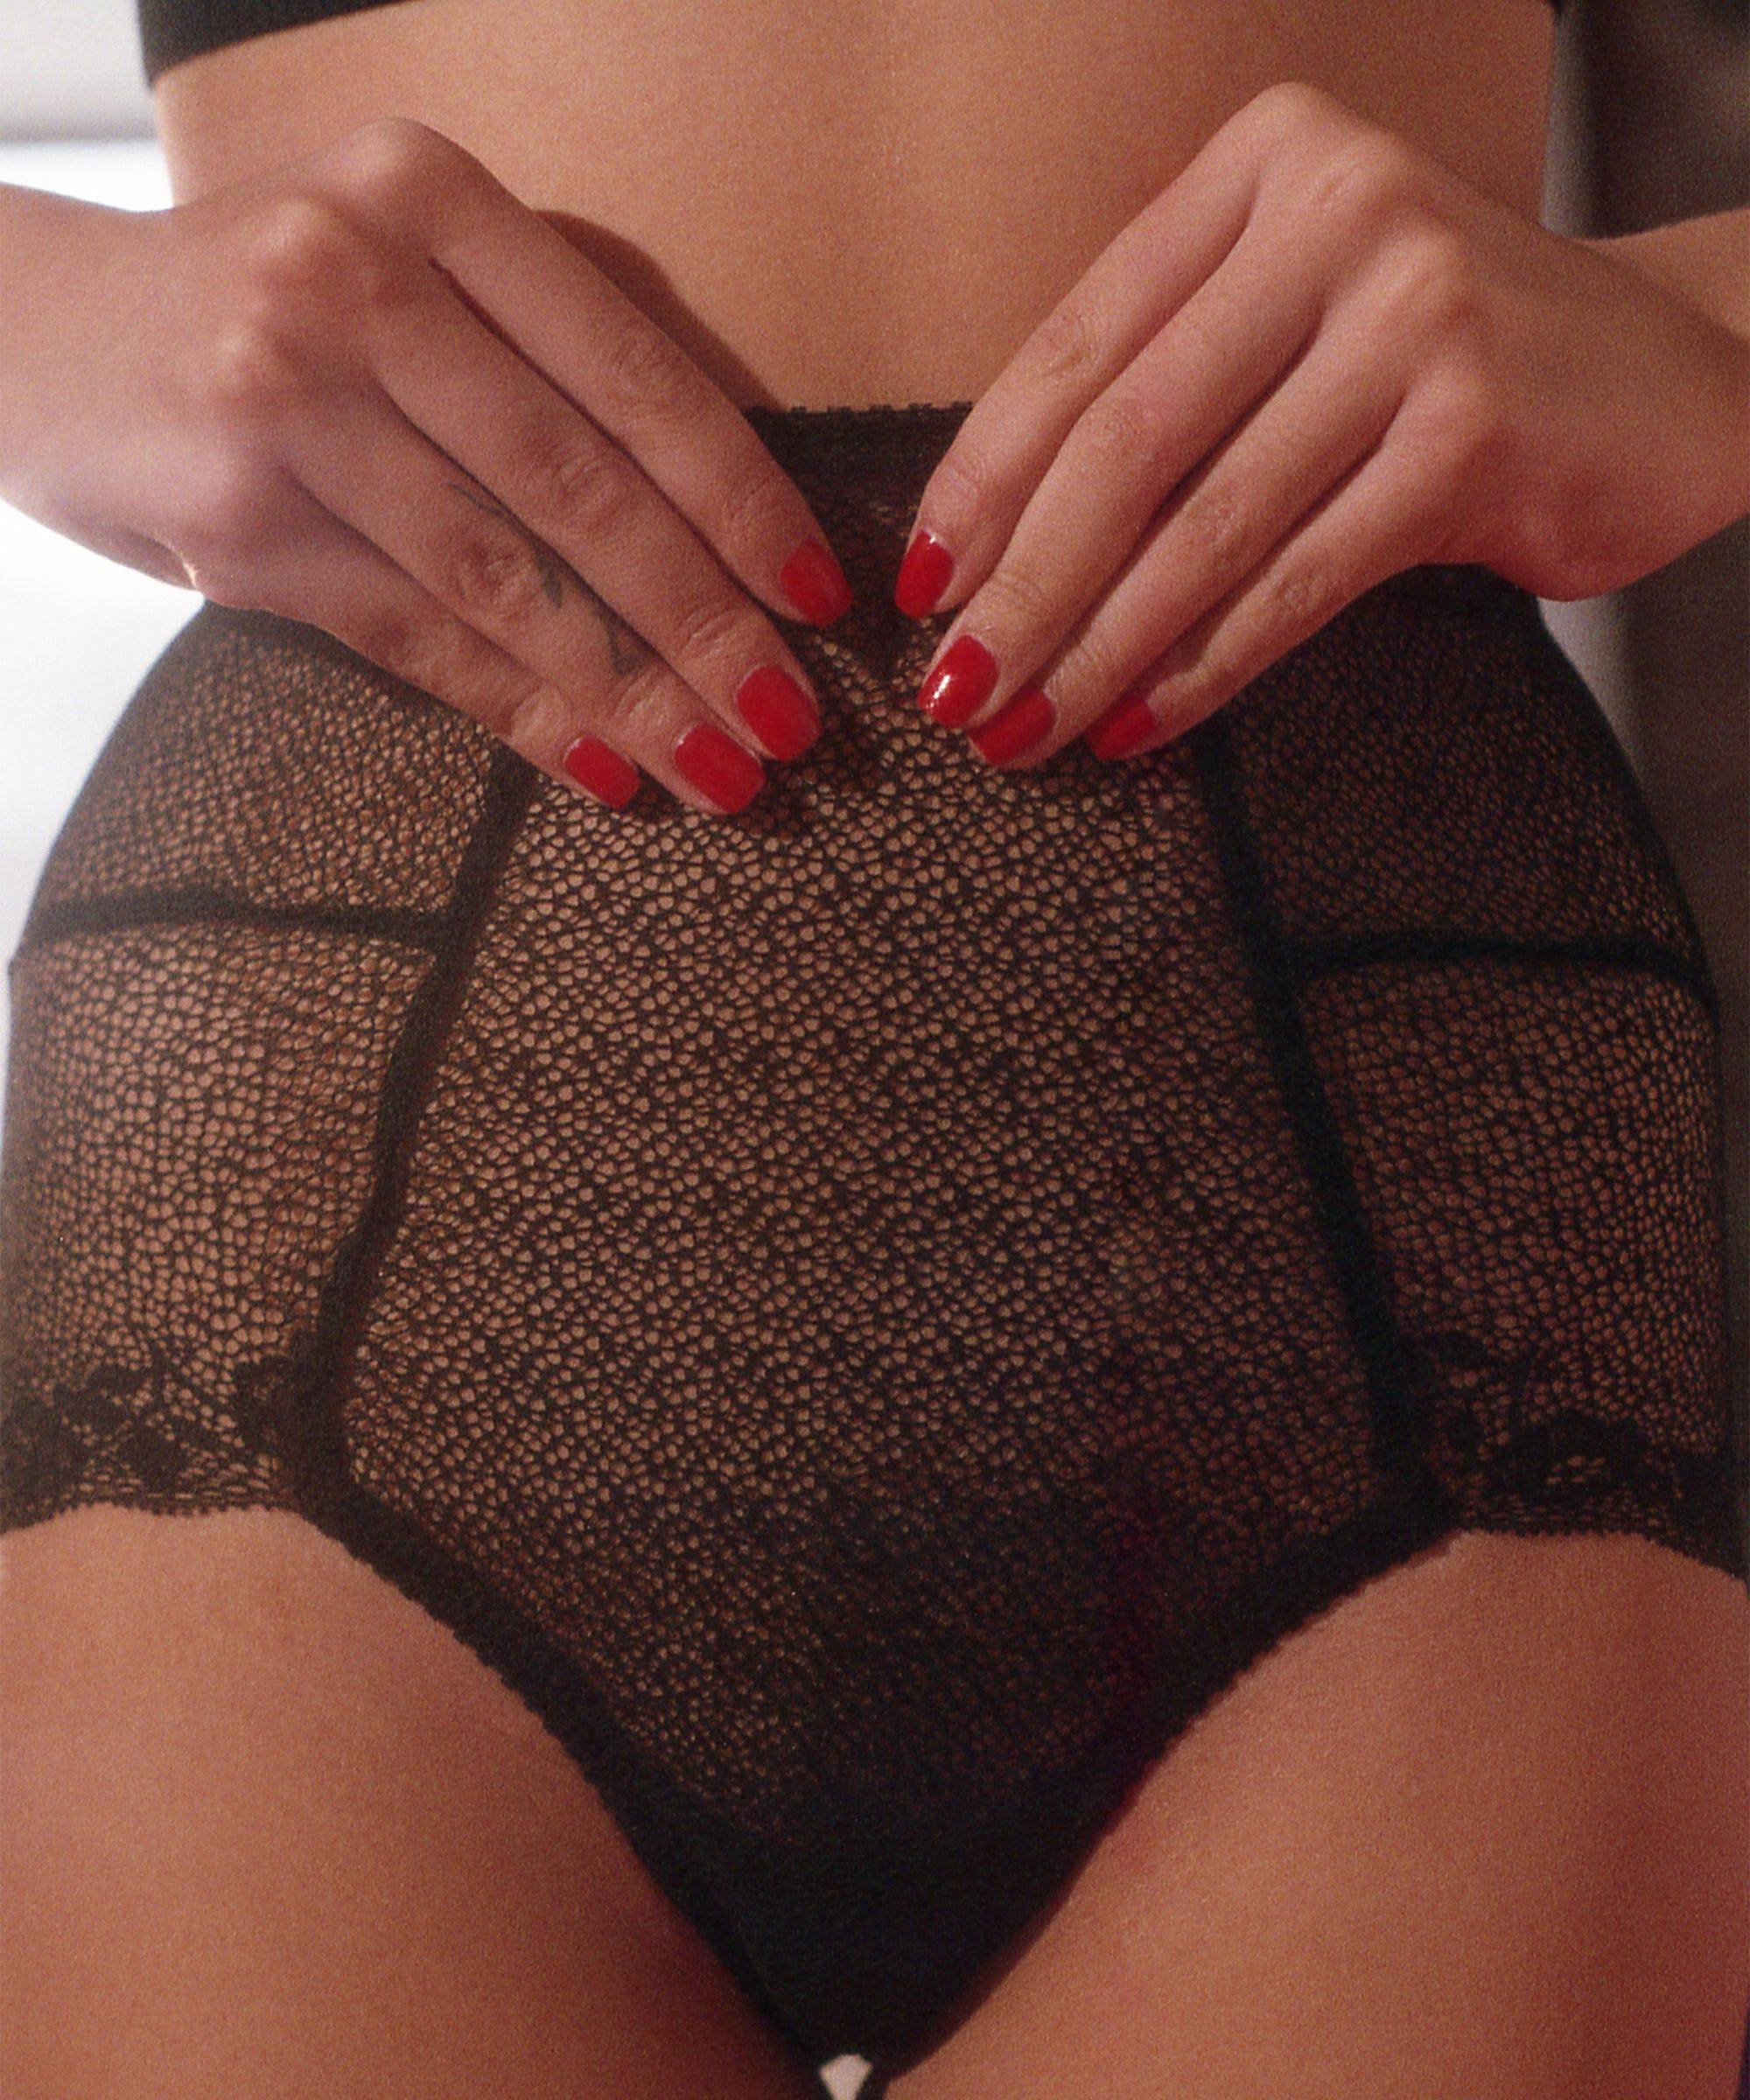 Fucking under her dress